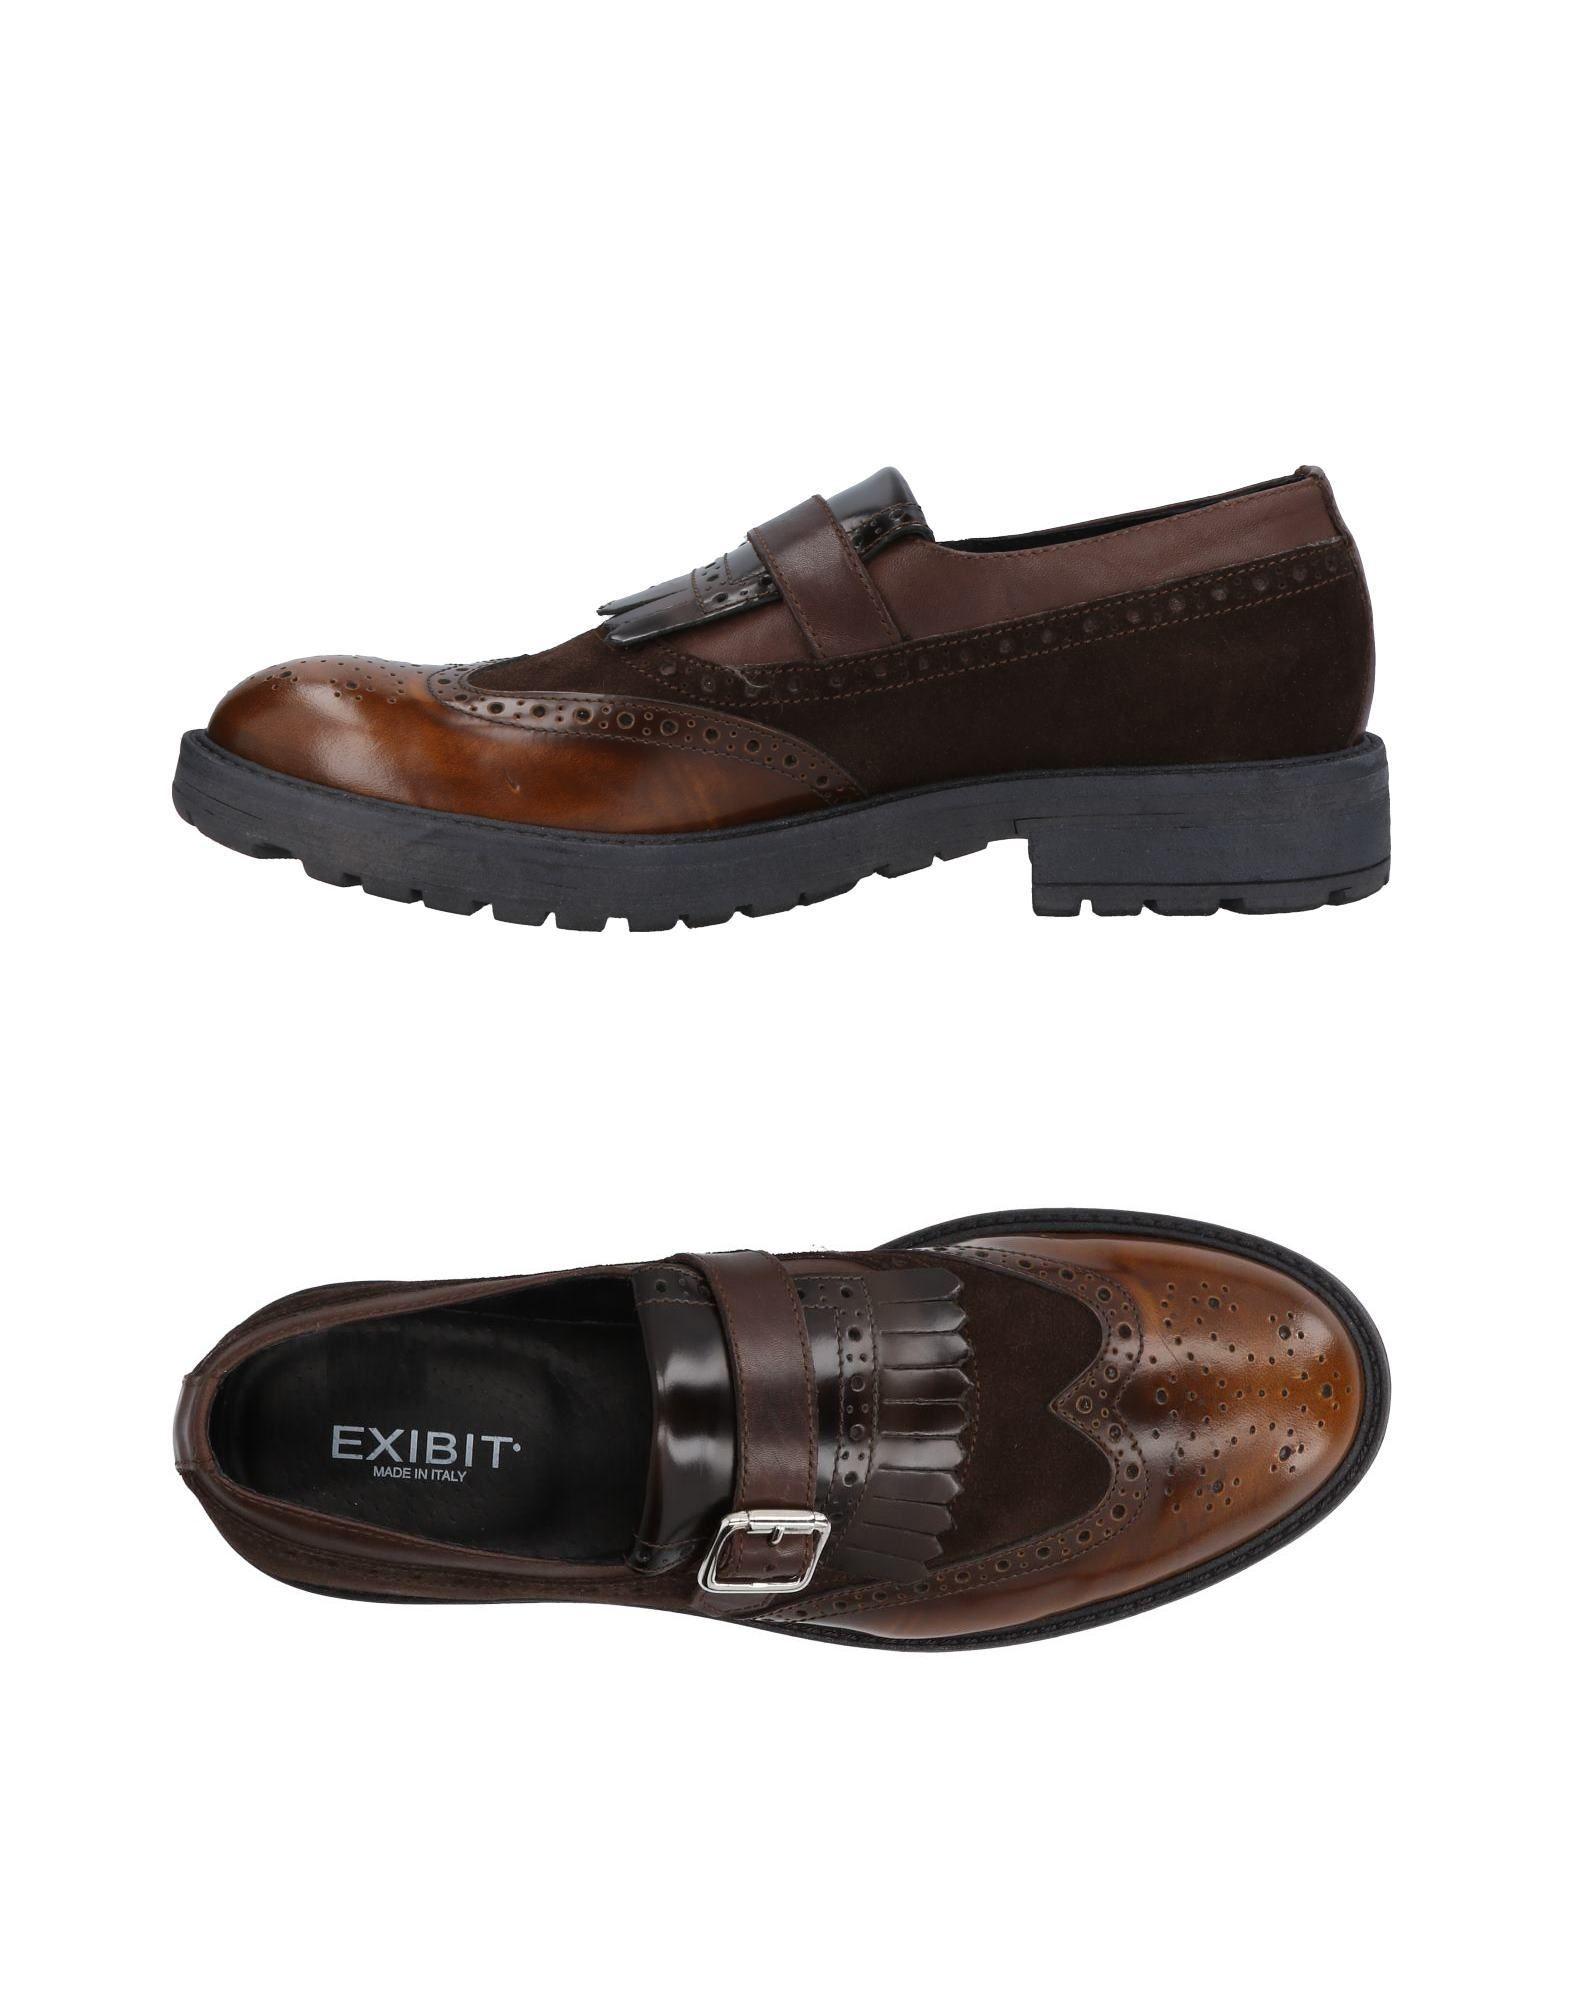 Rabatt echte Schuhe Herren Exibit Mokassins Herren Schuhe  11465315LE 75280a